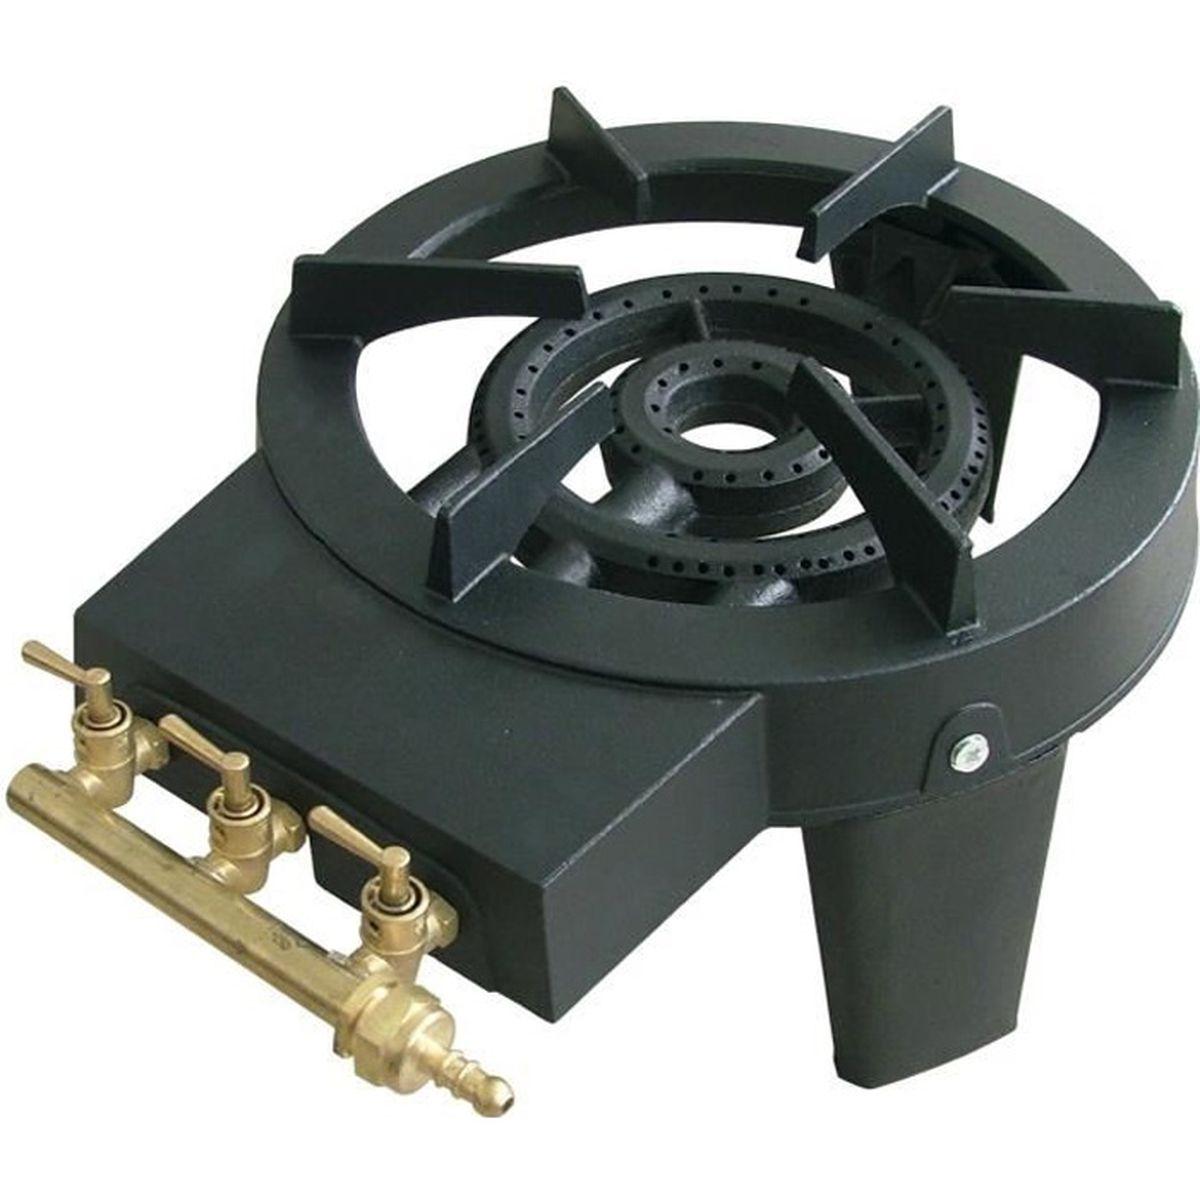 Réchaud gaz en fonte 3 robinets 8600 W grande capacité - Achat / Vente ustensile Réchaud gaz en ...